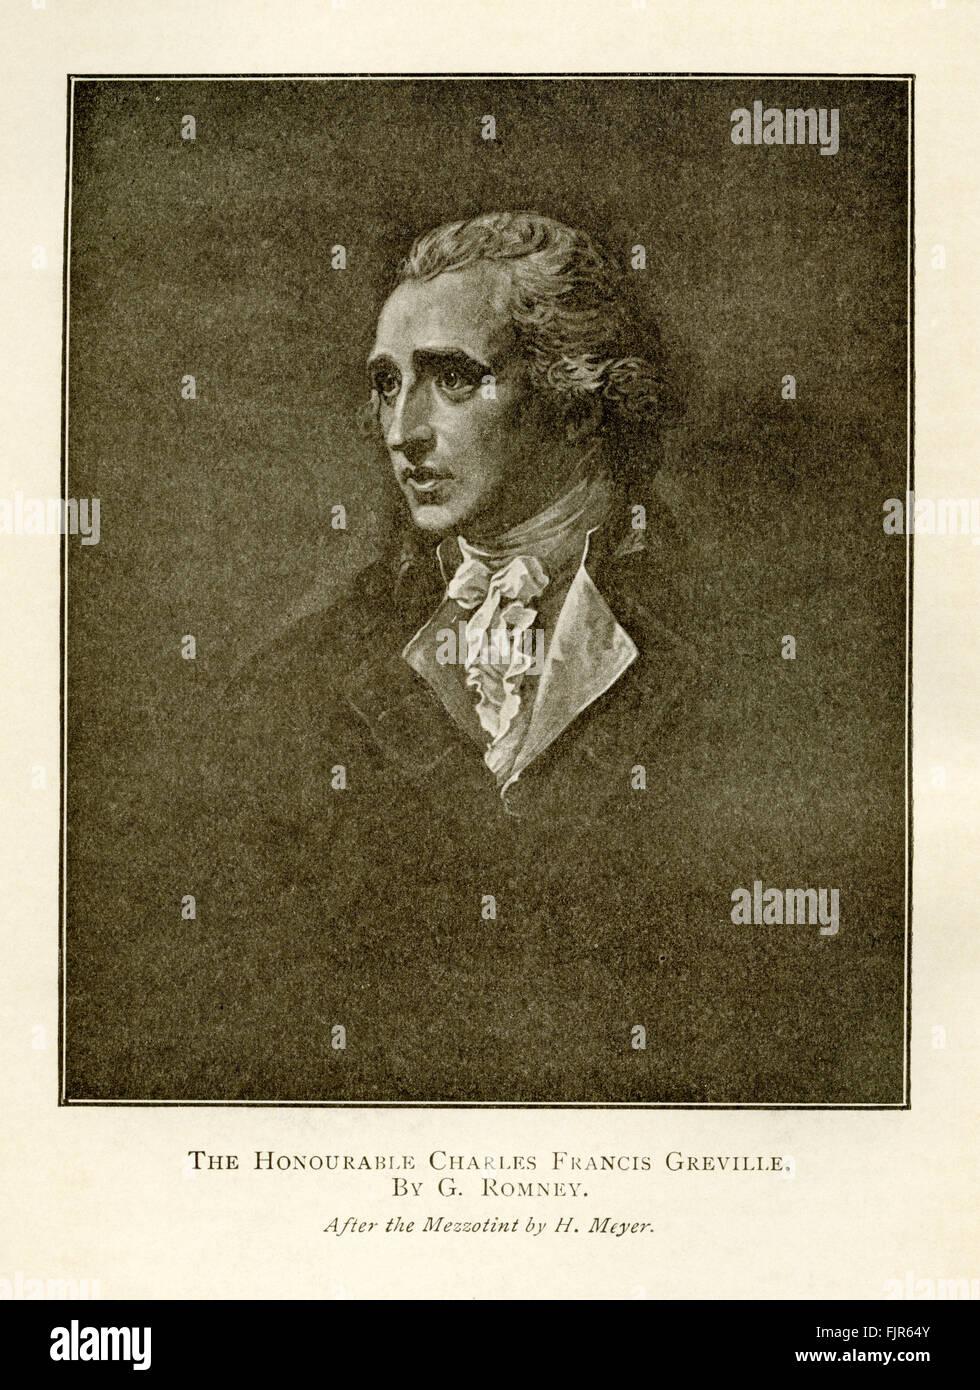 L'Honorable Charles Frances Greville (1749-1809). D'après une peinture de George Romney. Photo Stock